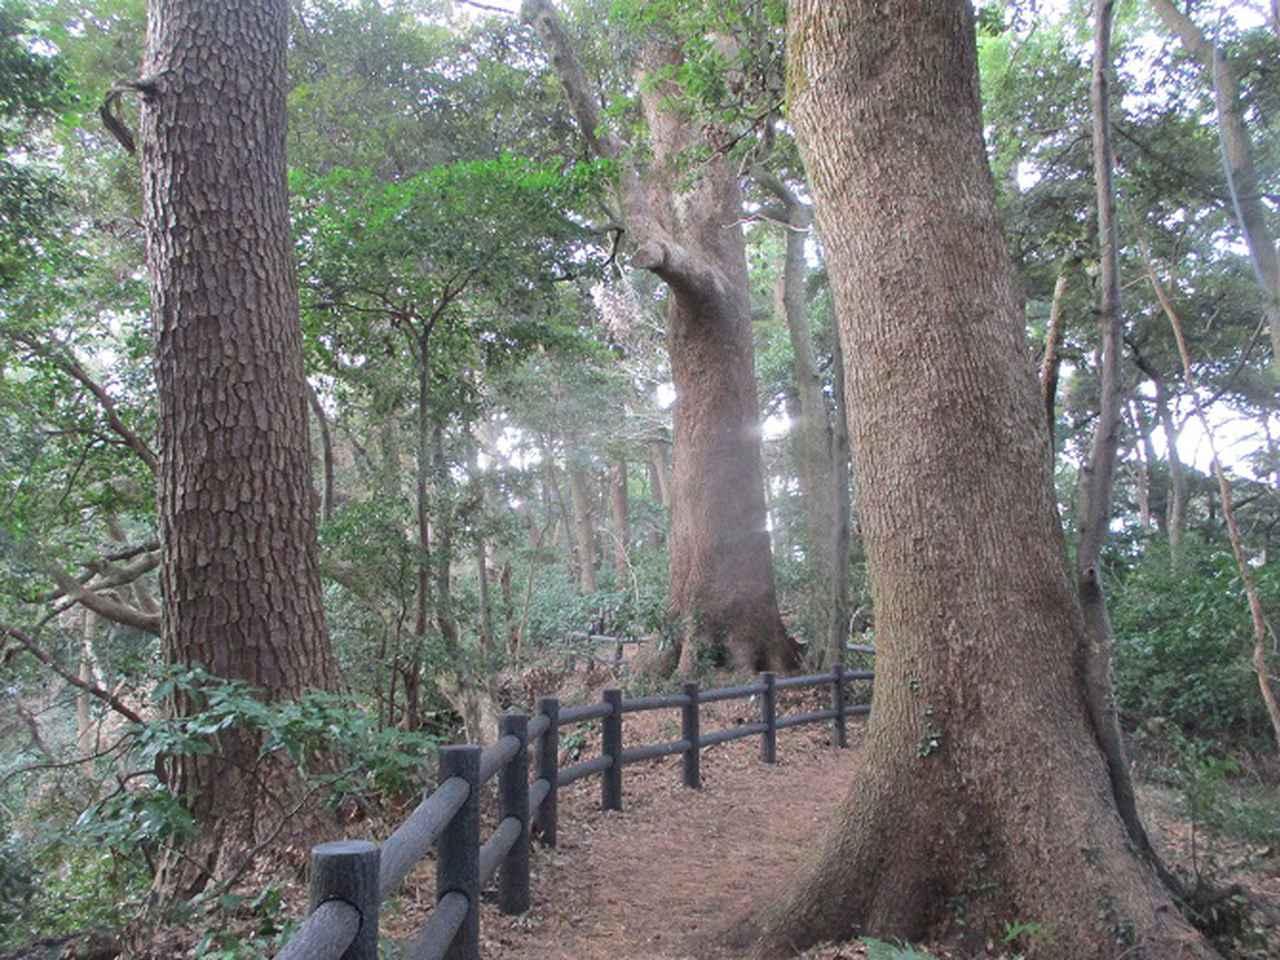 画像2: 2月の山旅会 真鶴半島ハイクと湯河原梅林 の下見に行ってきました!